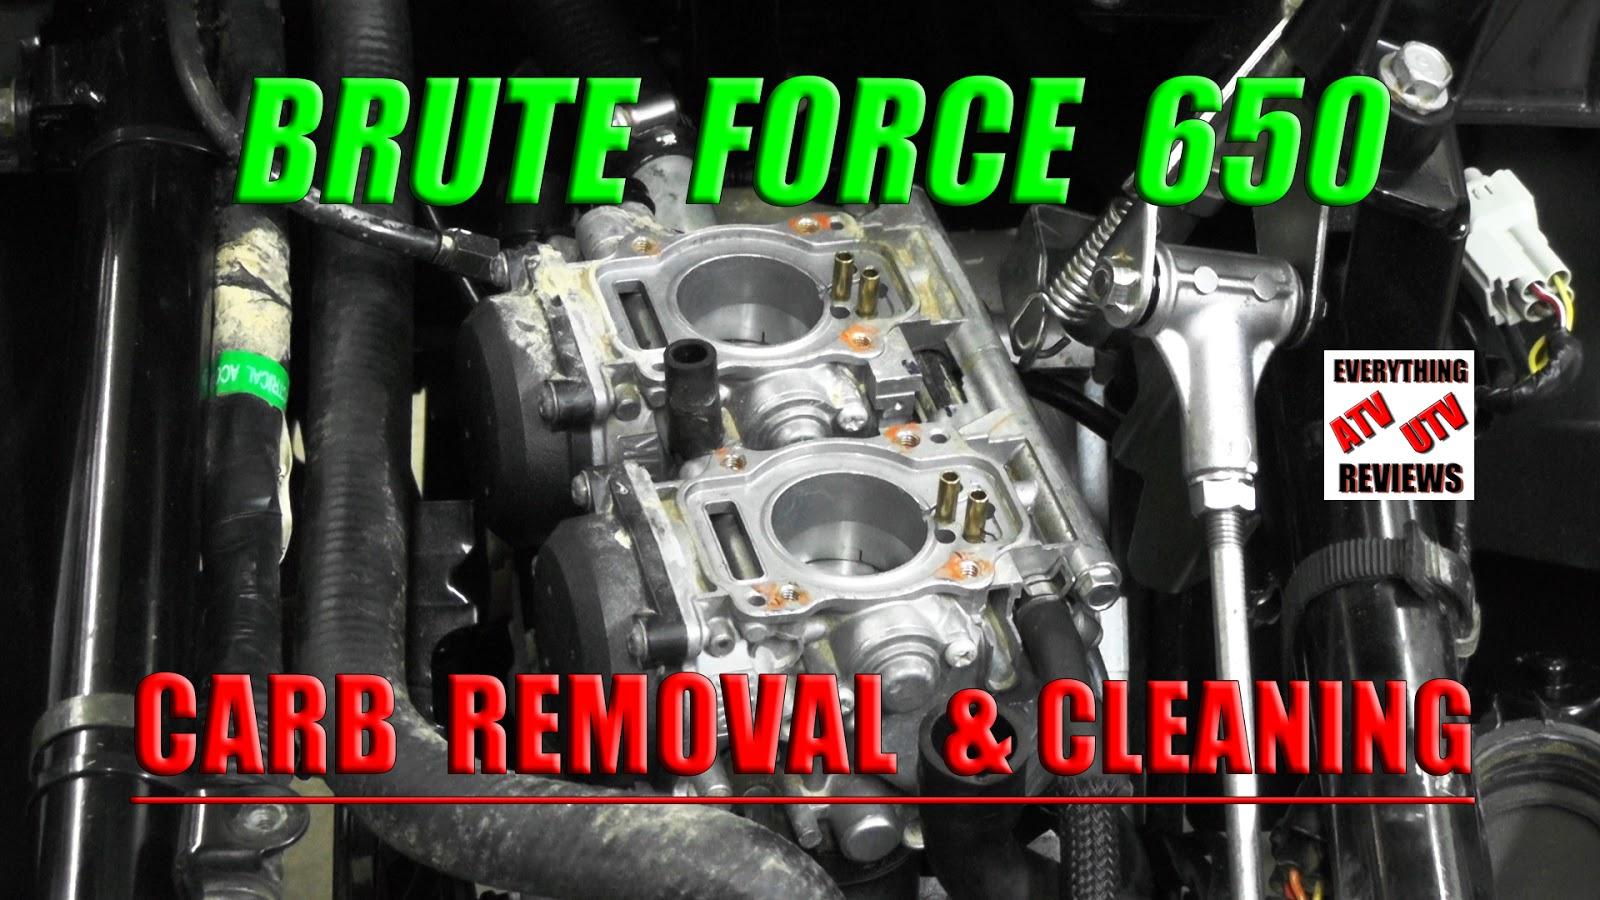 Force Engine Carburetor Diagram Everything Atv Utv Reviews How To Remove The The